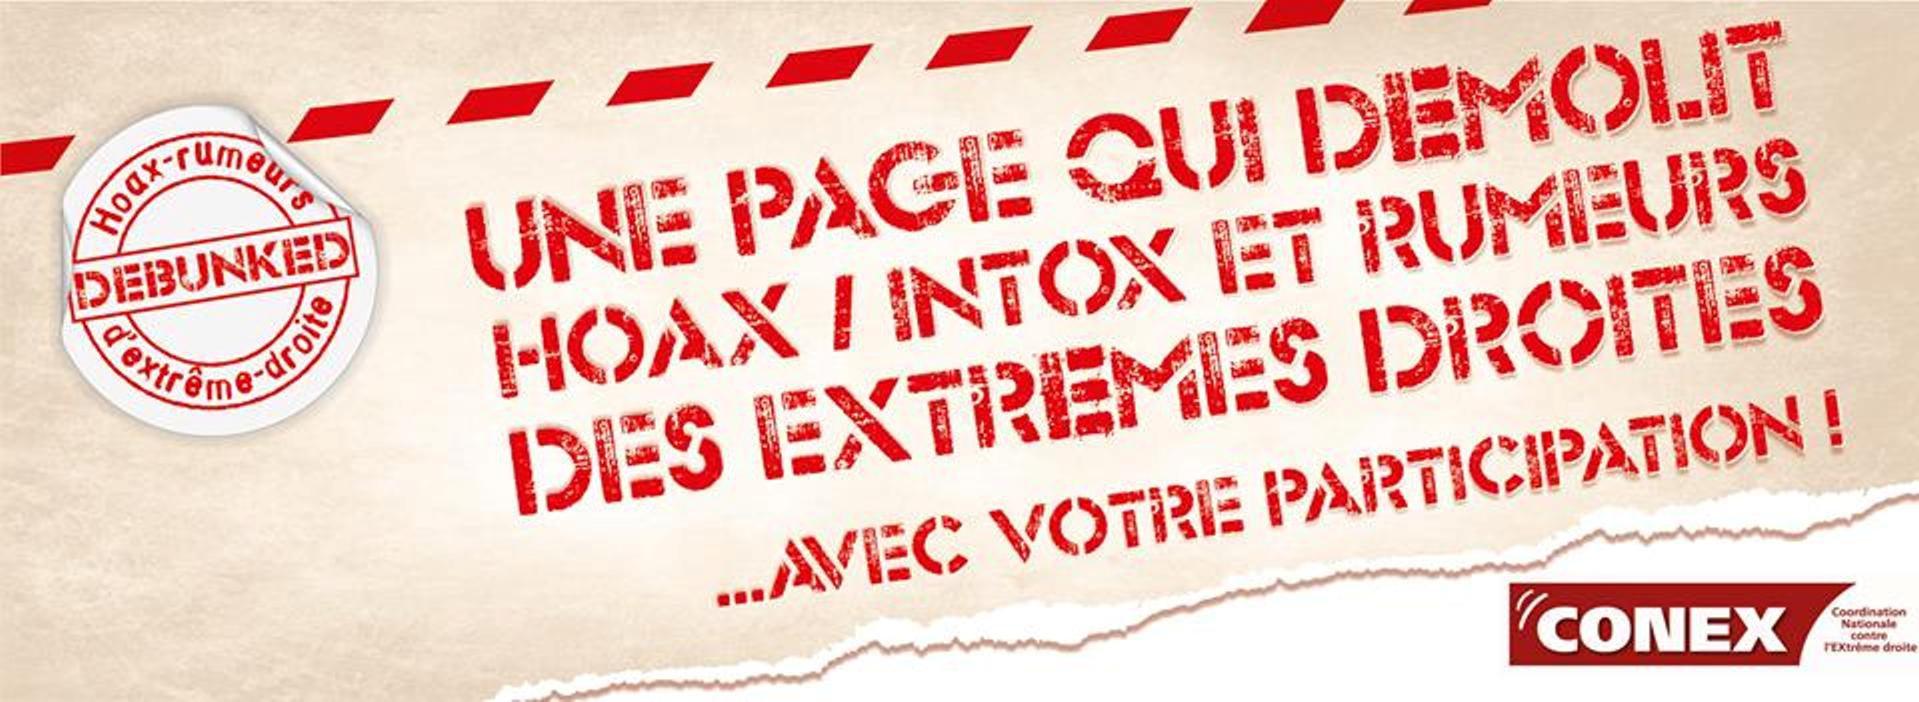 Debunkers de hoax/rumeurs d'extrême droite